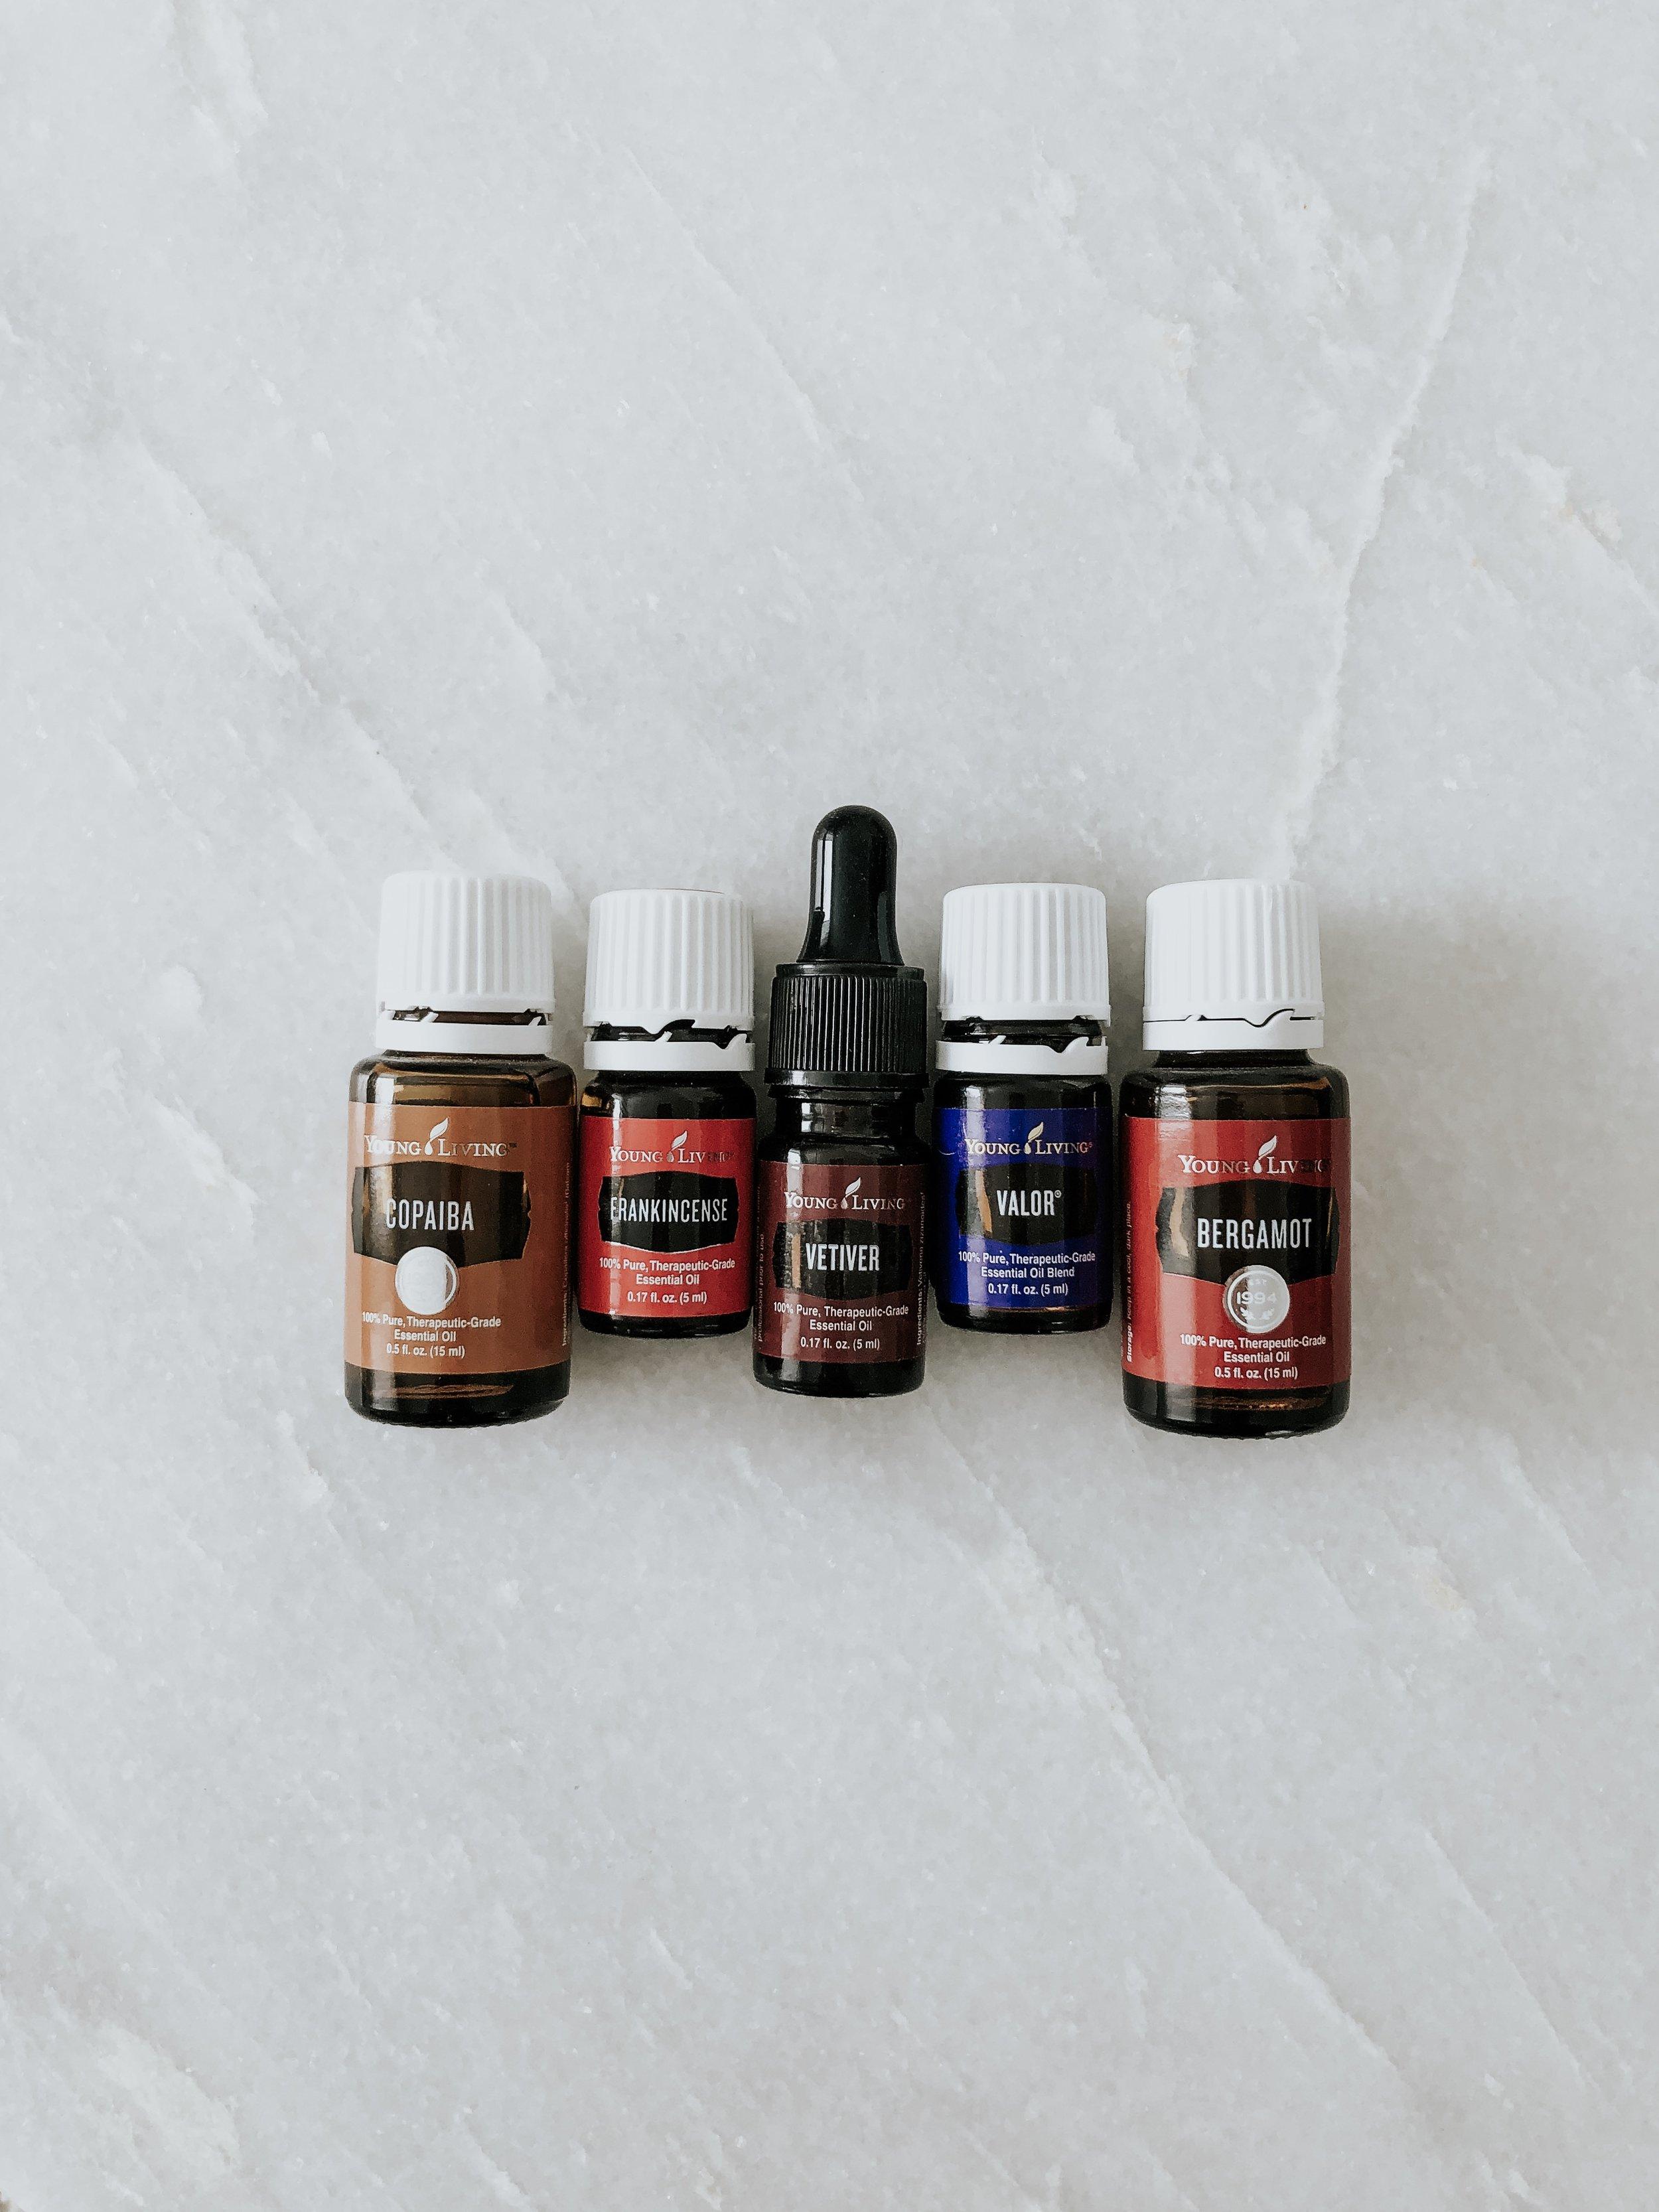 emotional-support-oils.JPG